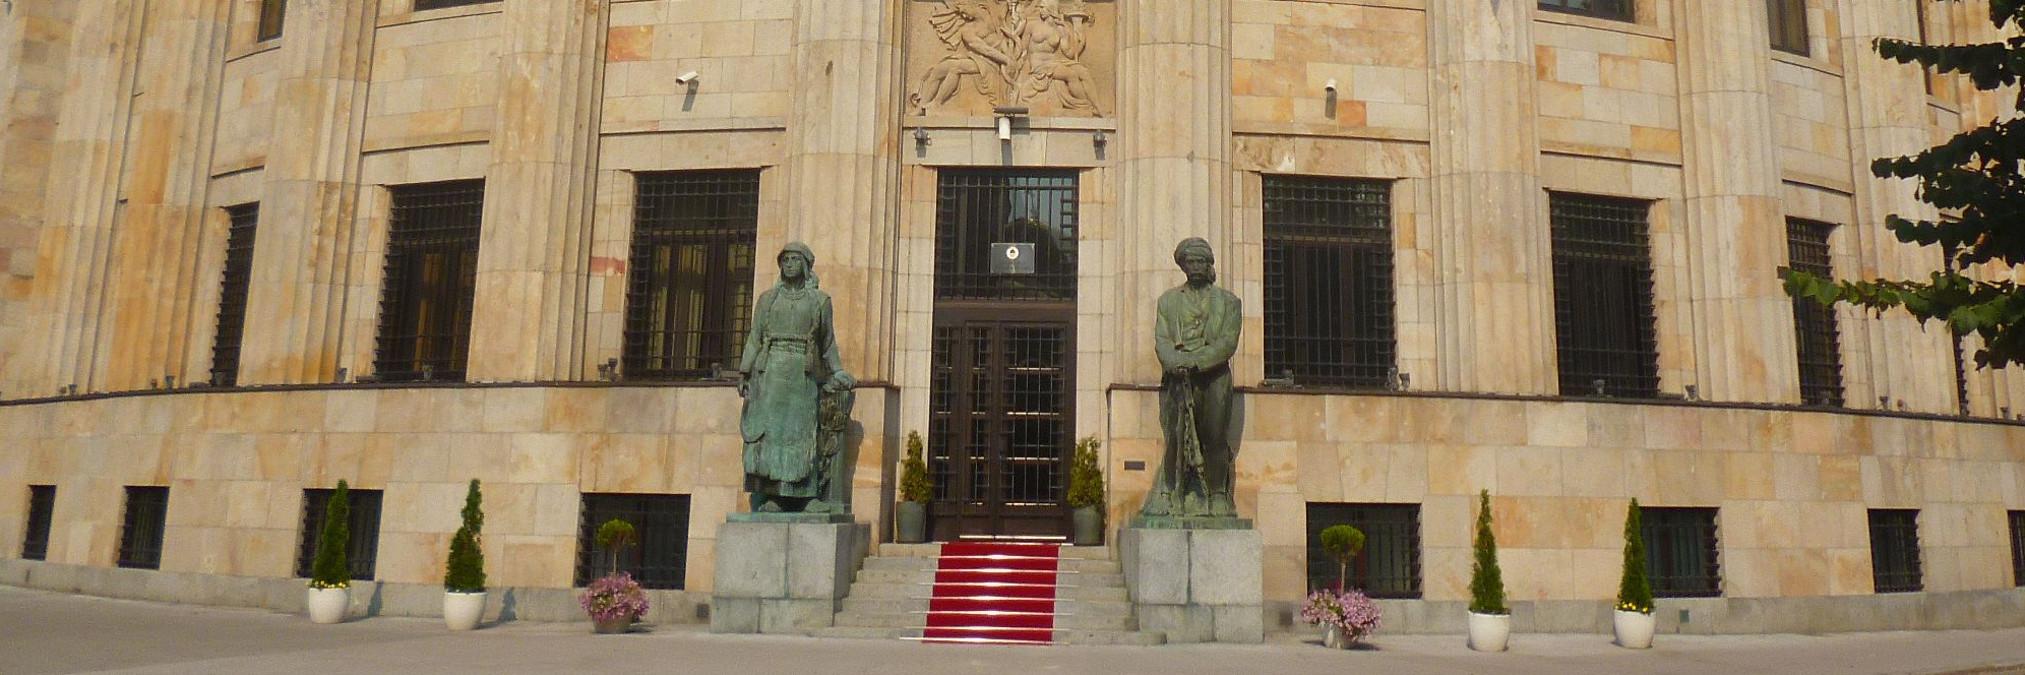 Палата Республики. Фото: Елена Арсениевич, CC BY-SA 3.0